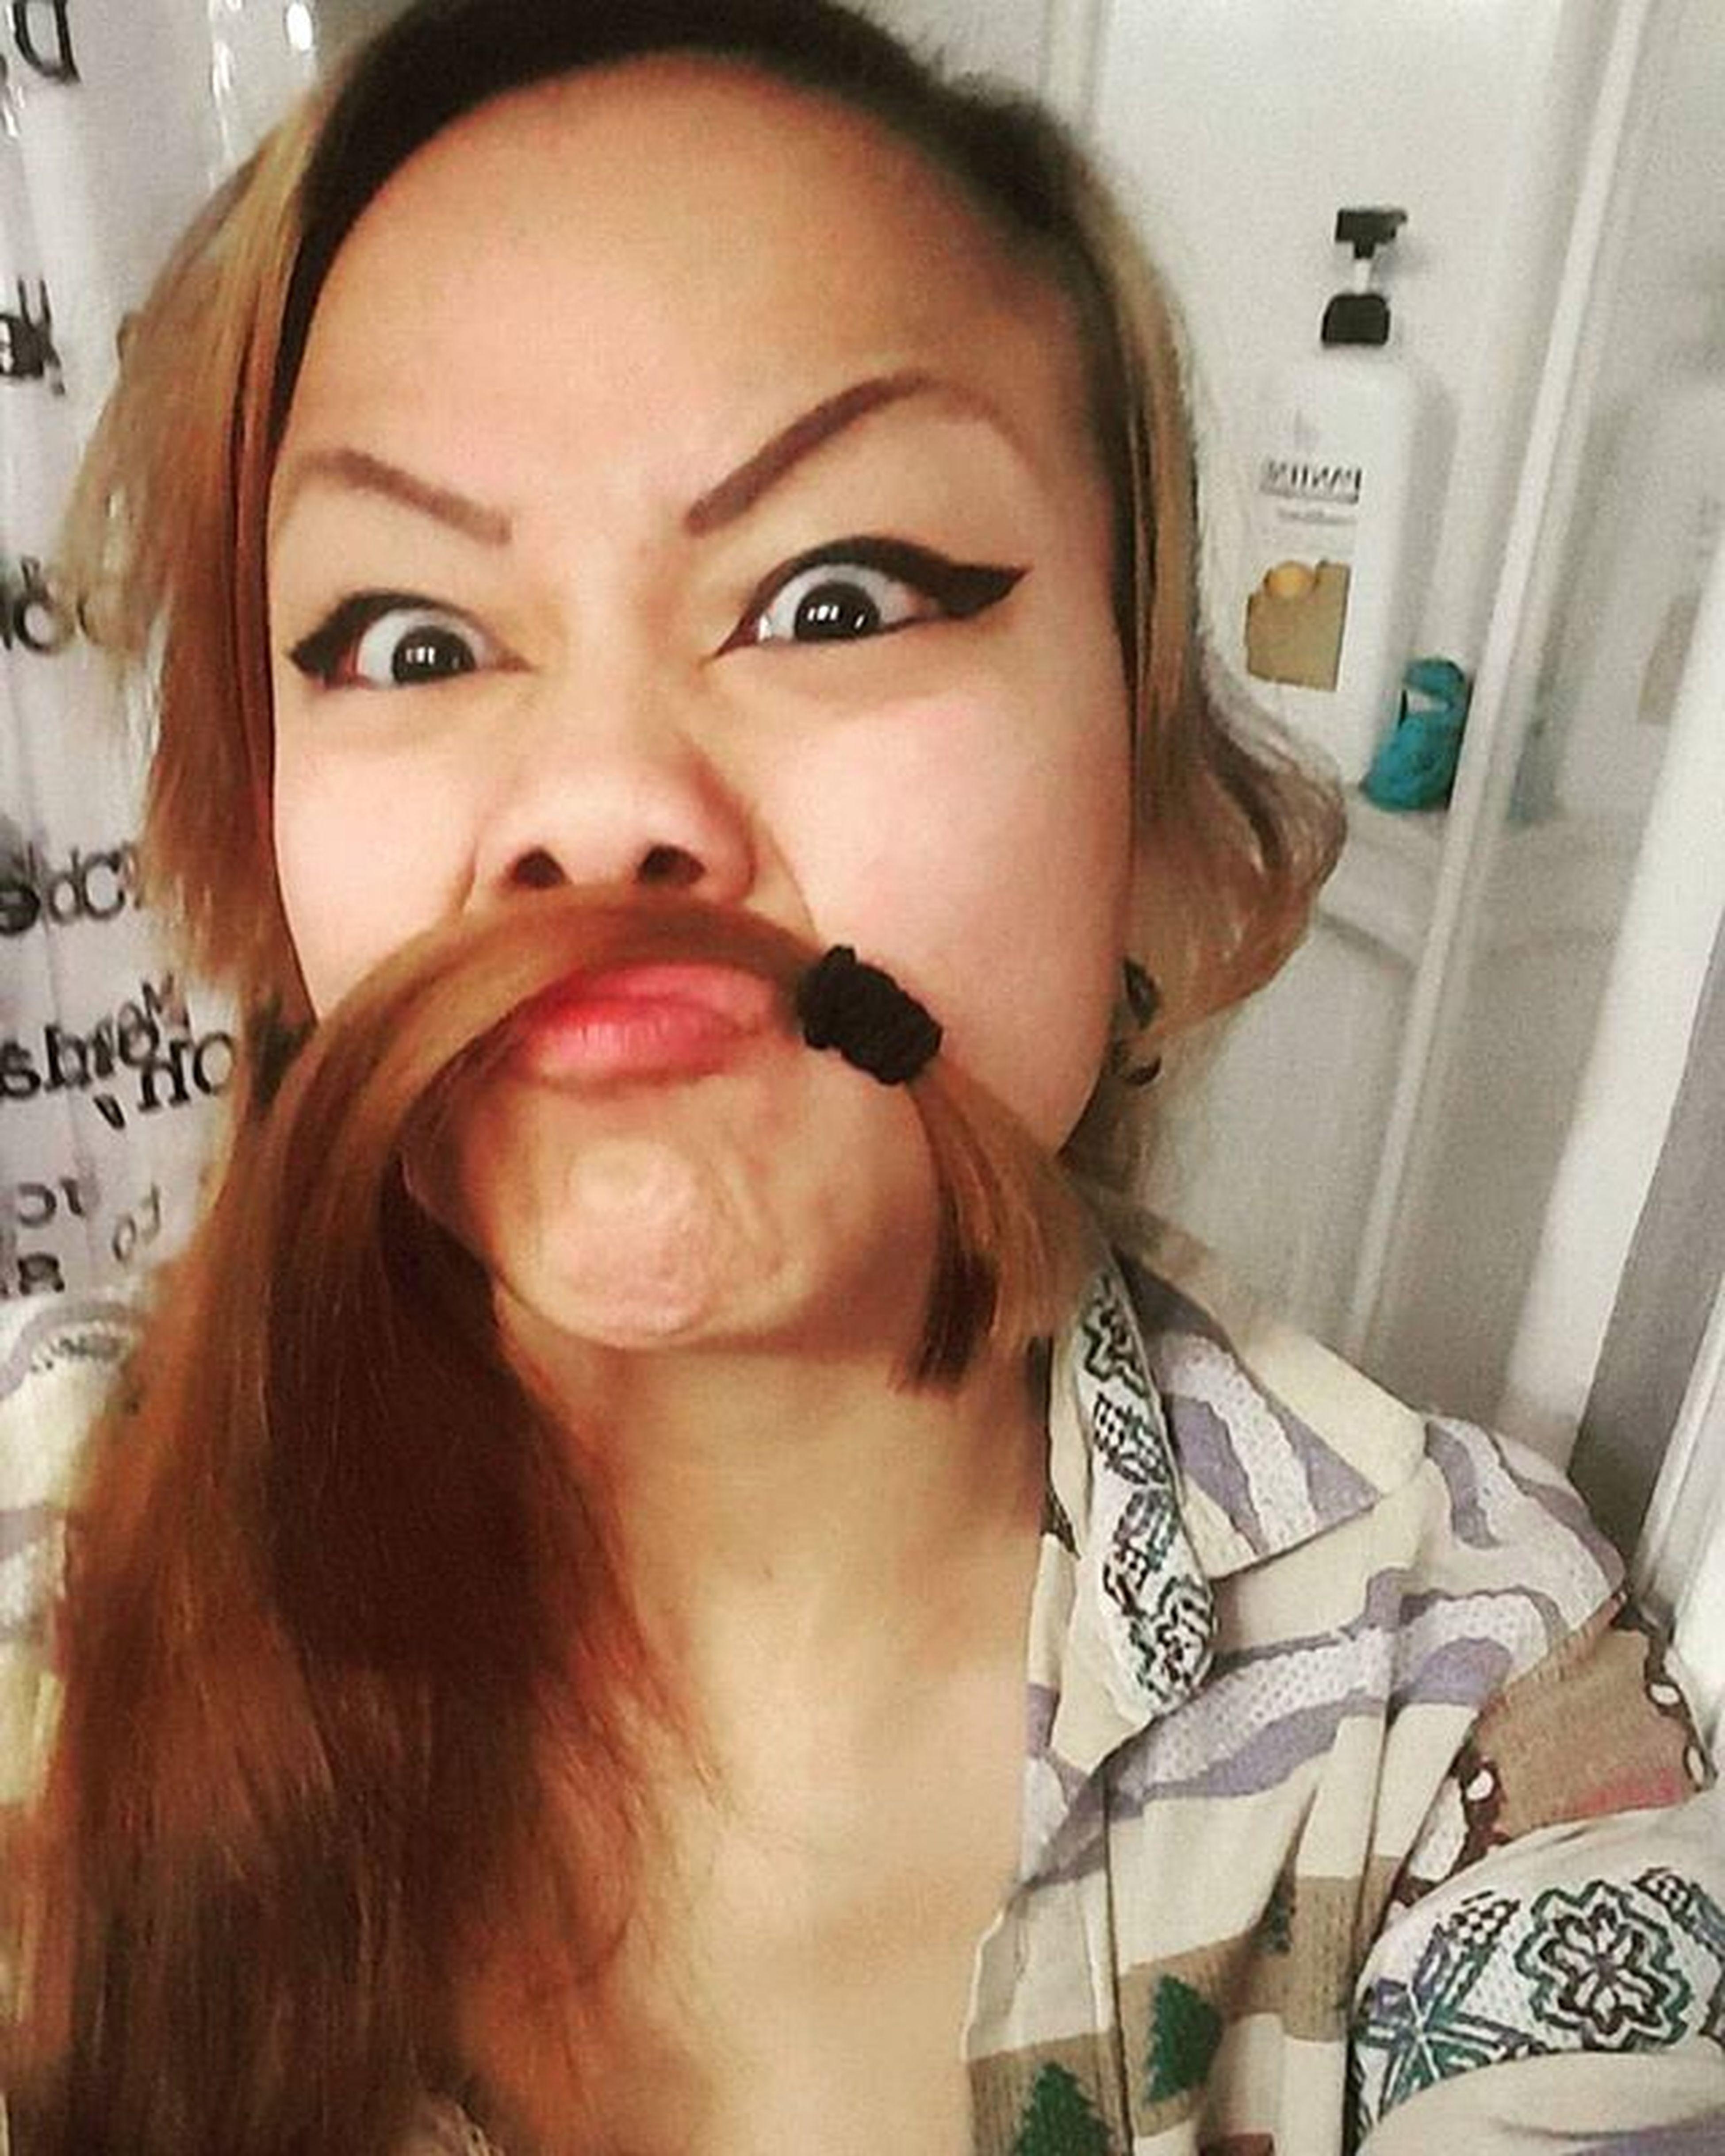 Cuttingmyhair Cutmyhair Mustache Halp Dunnohow Crazyeyes